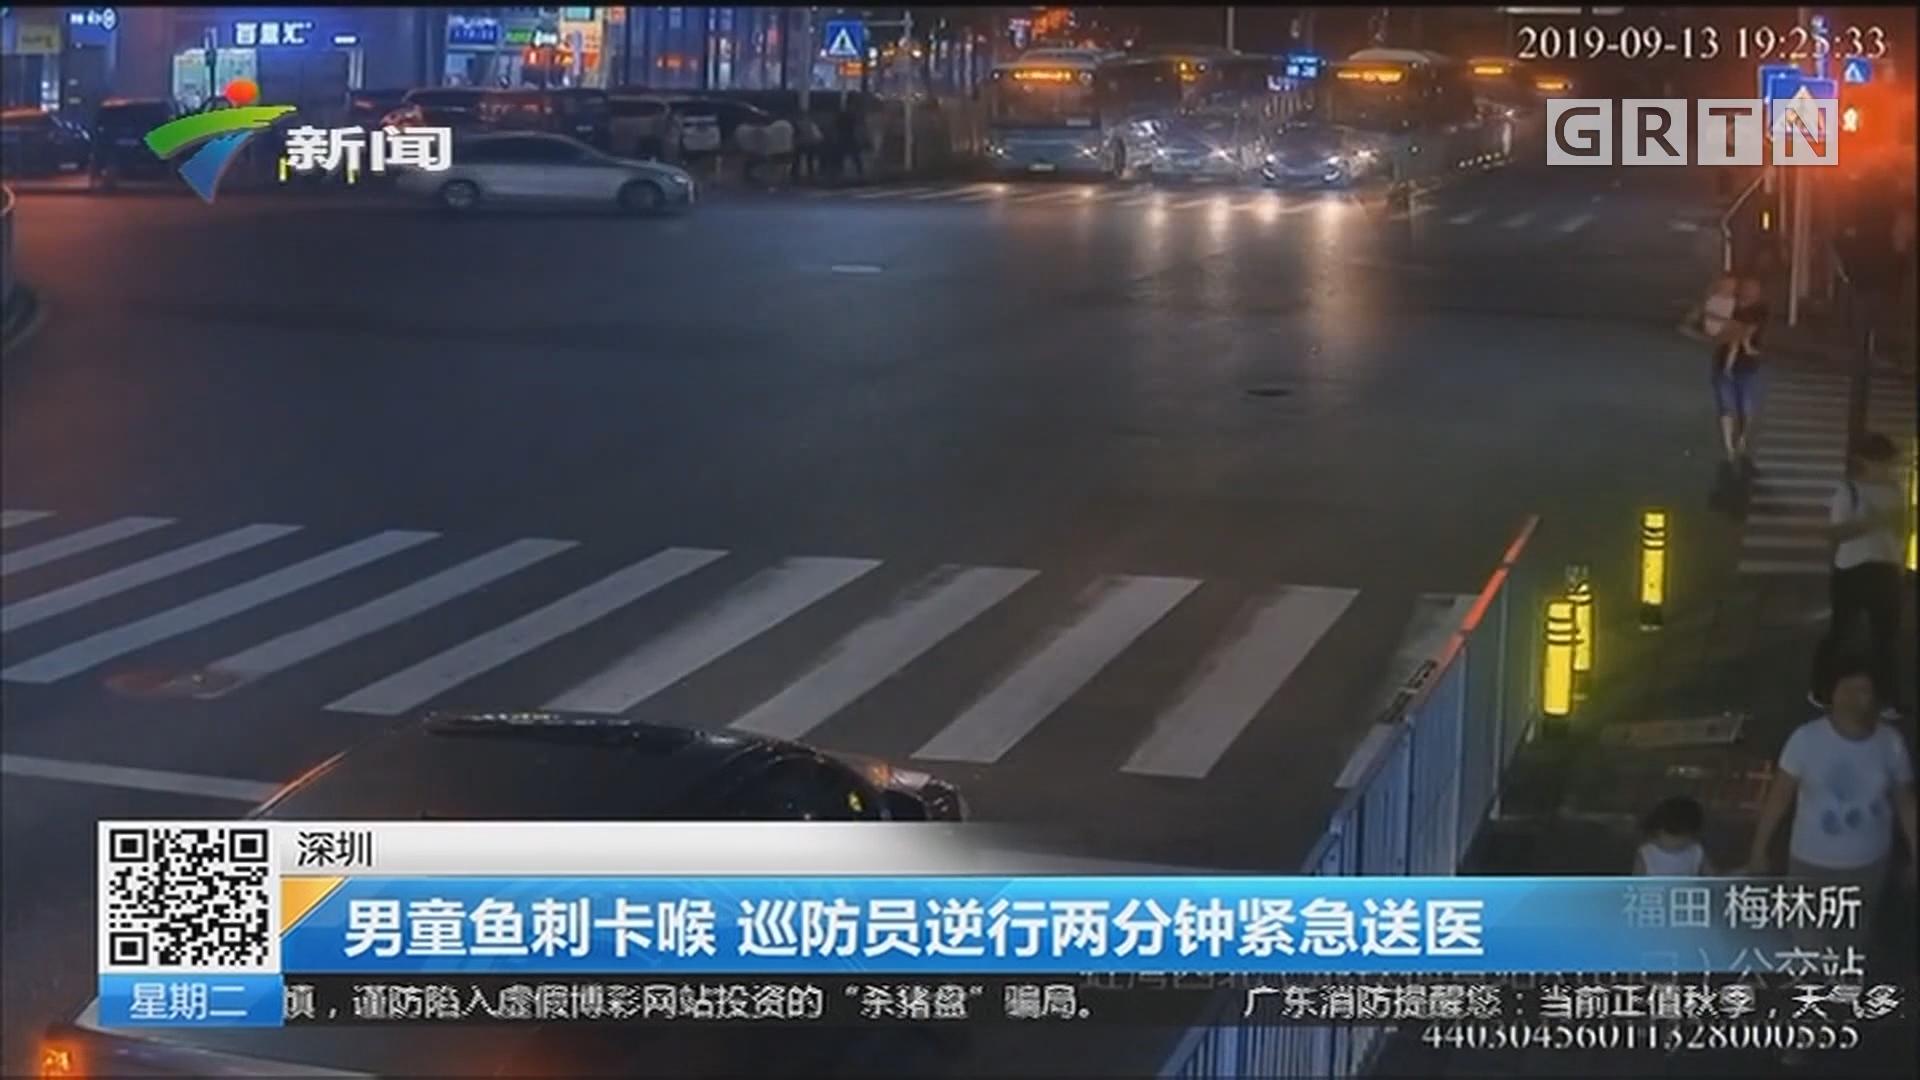 深圳:男童鱼刺卡喉 巡防员逆行两分钟紧急送医